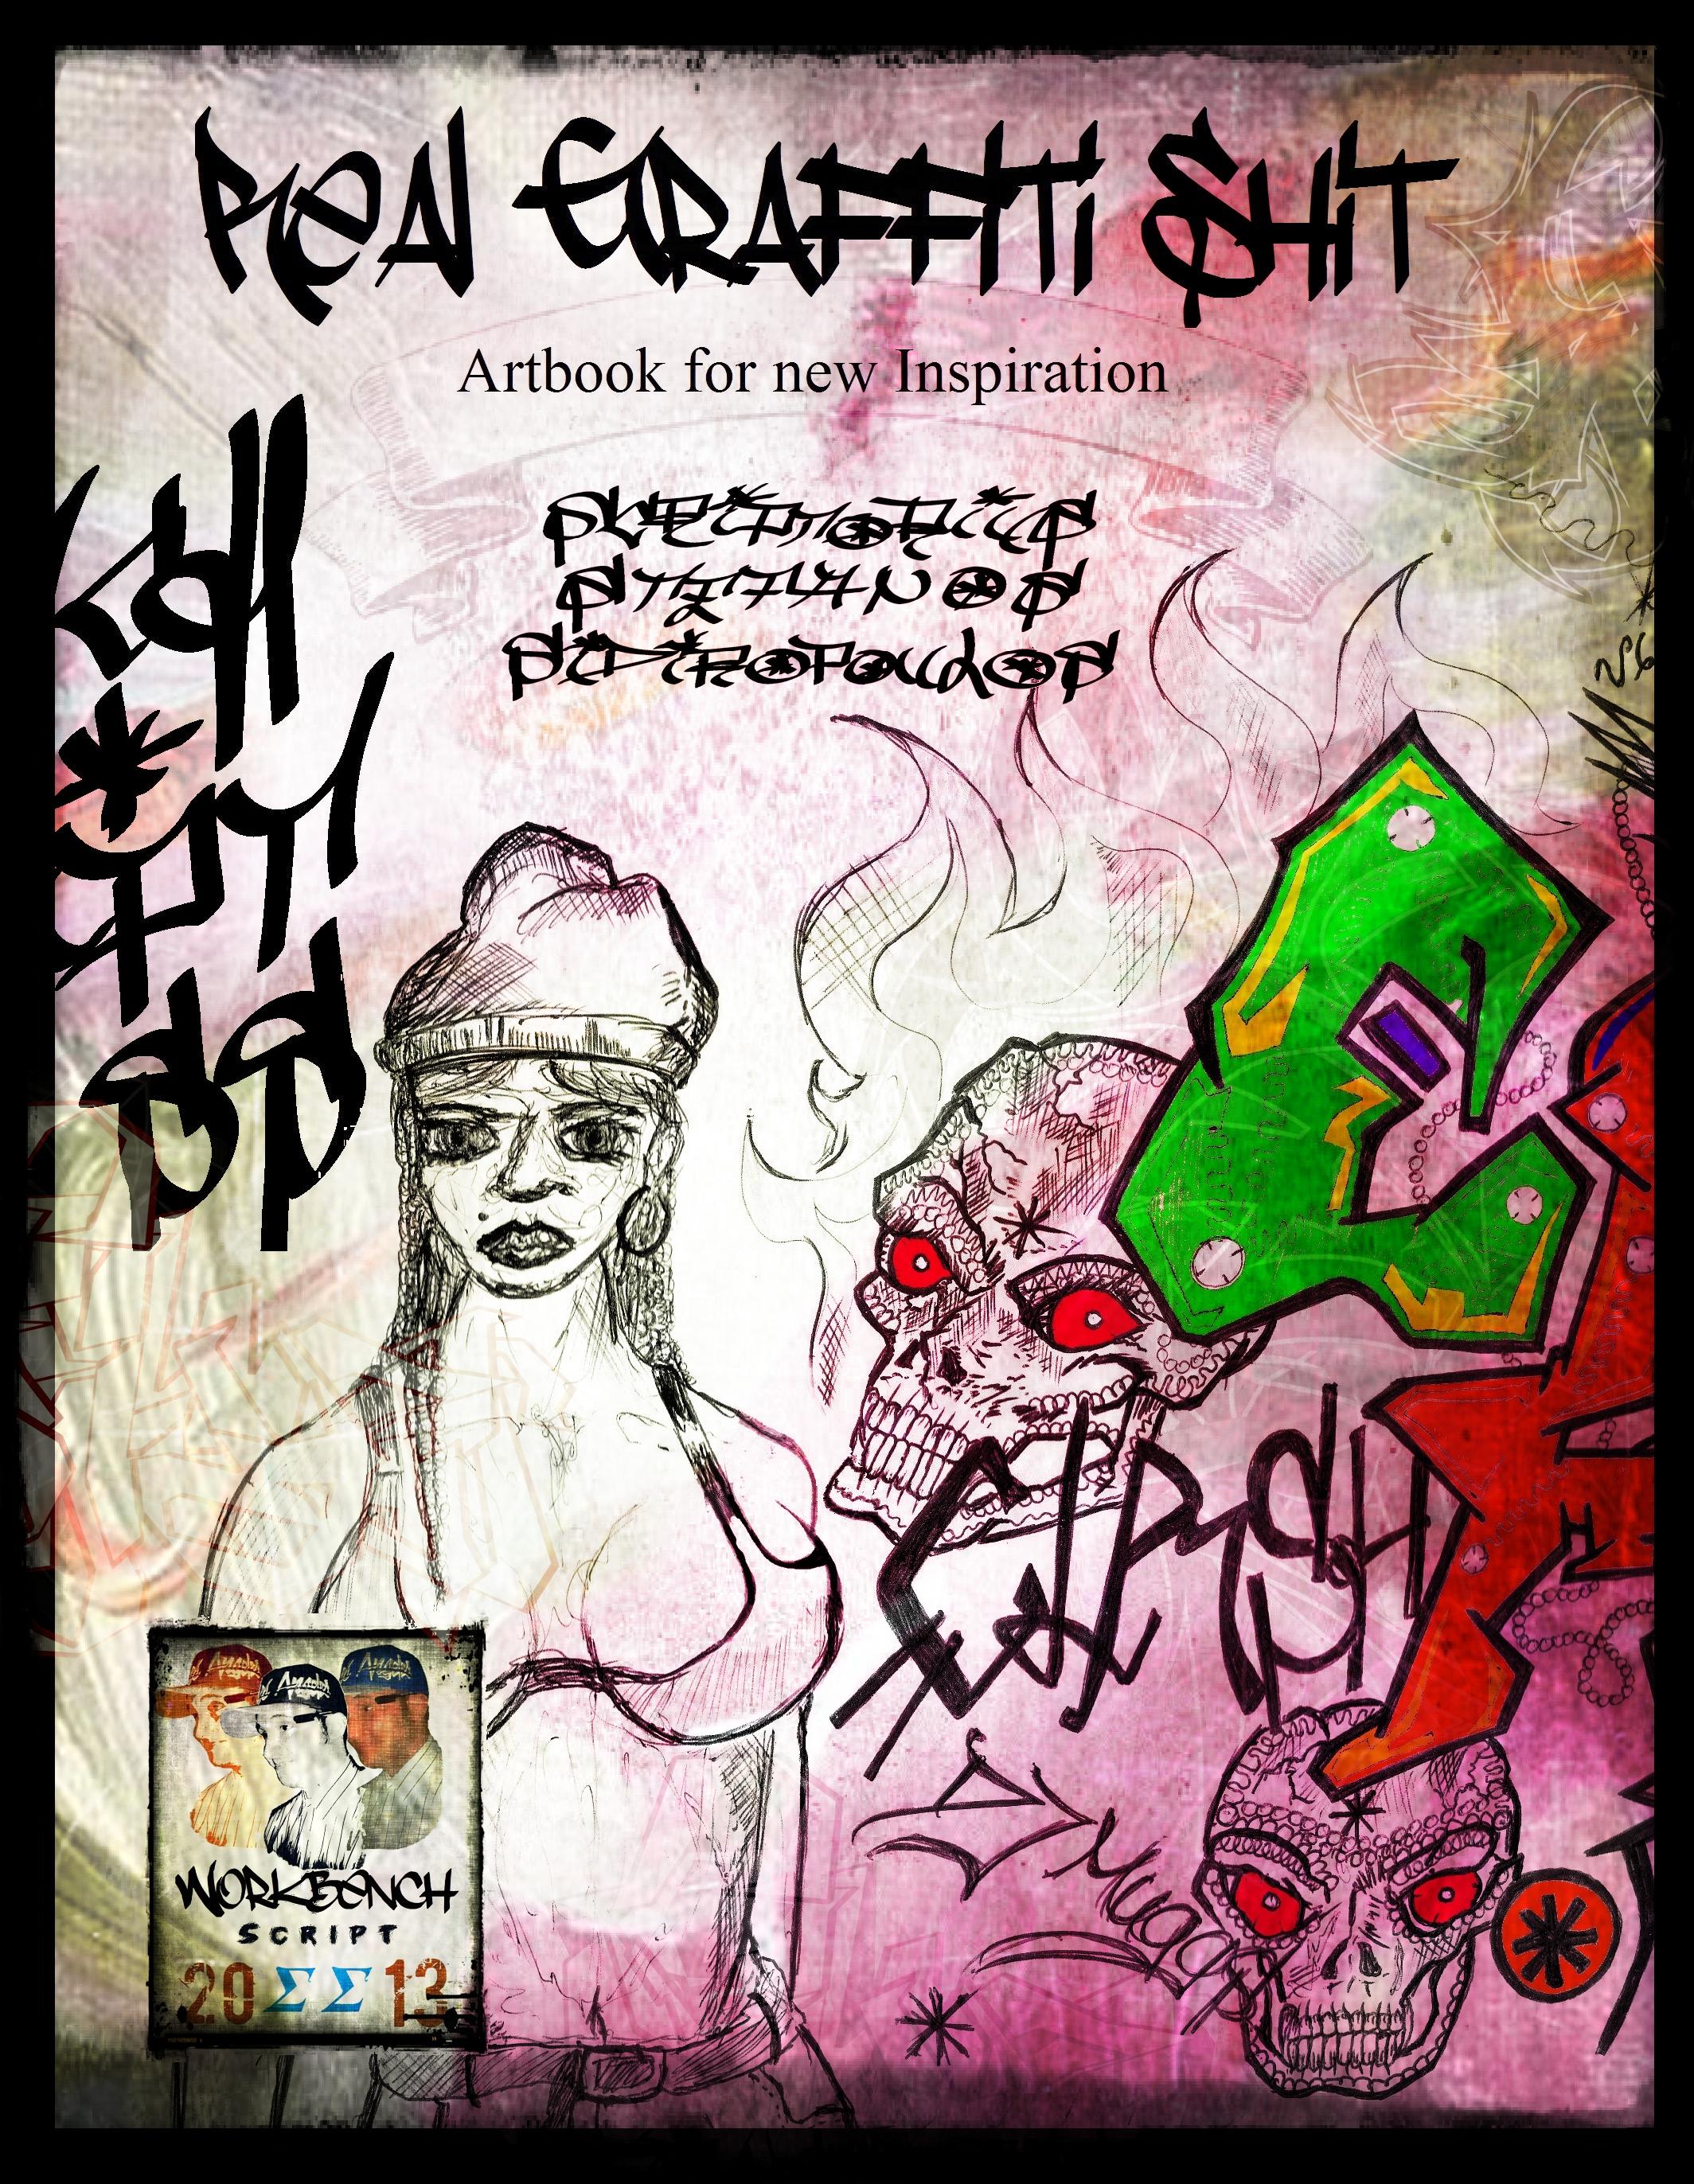 Artbook No.4: Real Graffiti Shit